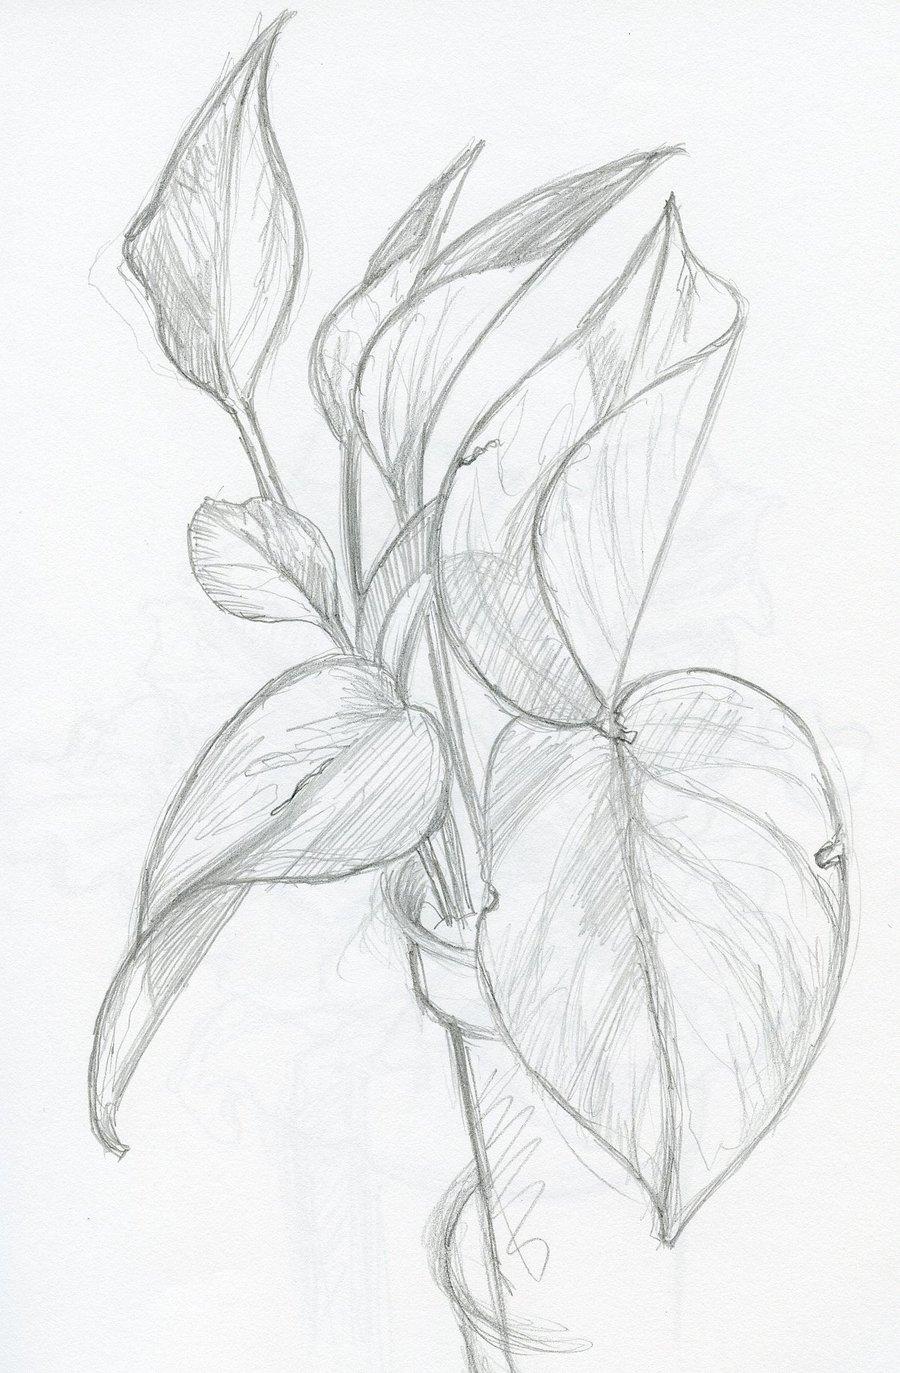 900x1373 Pencil Sketch Plants By Phebron